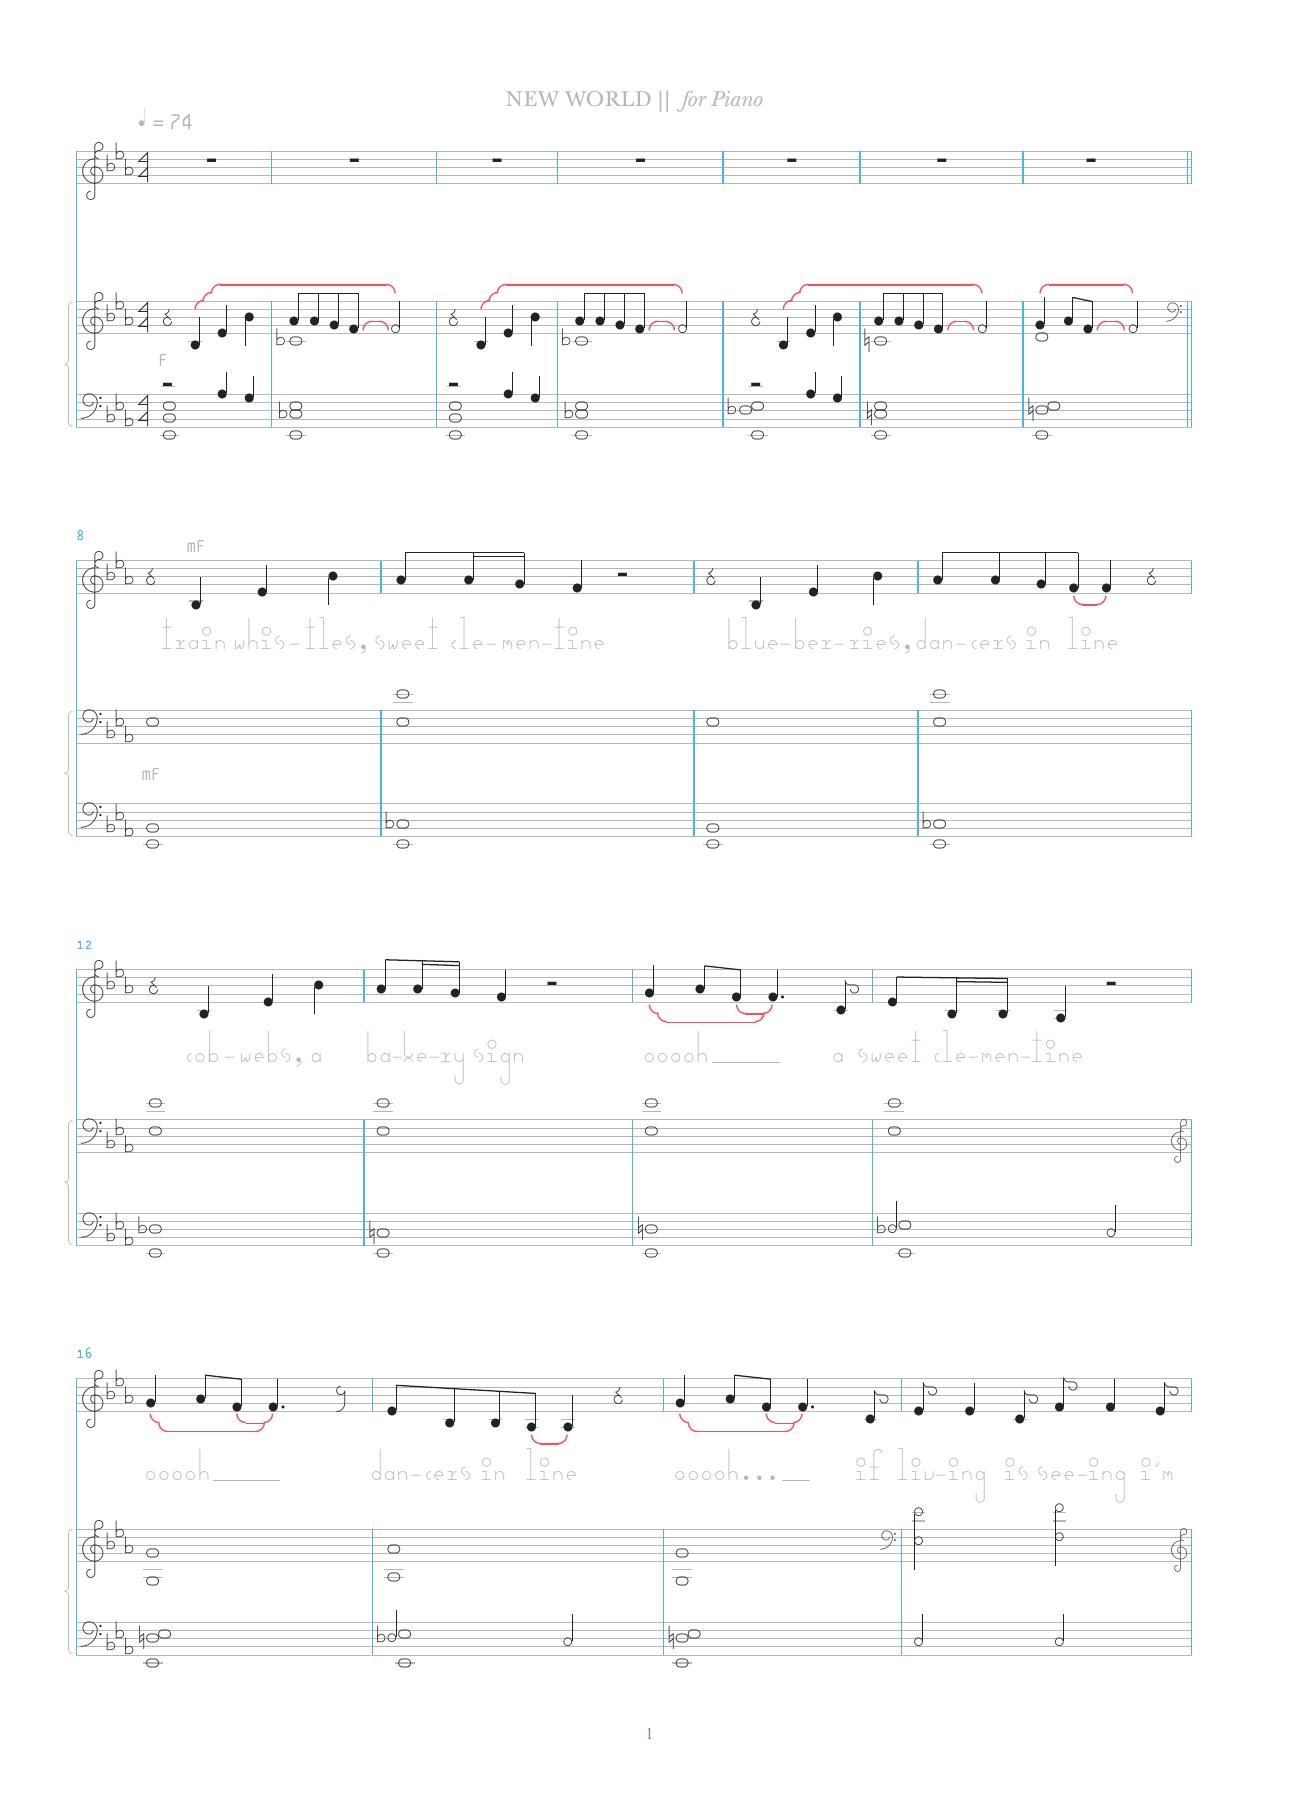 New World Sheet Music